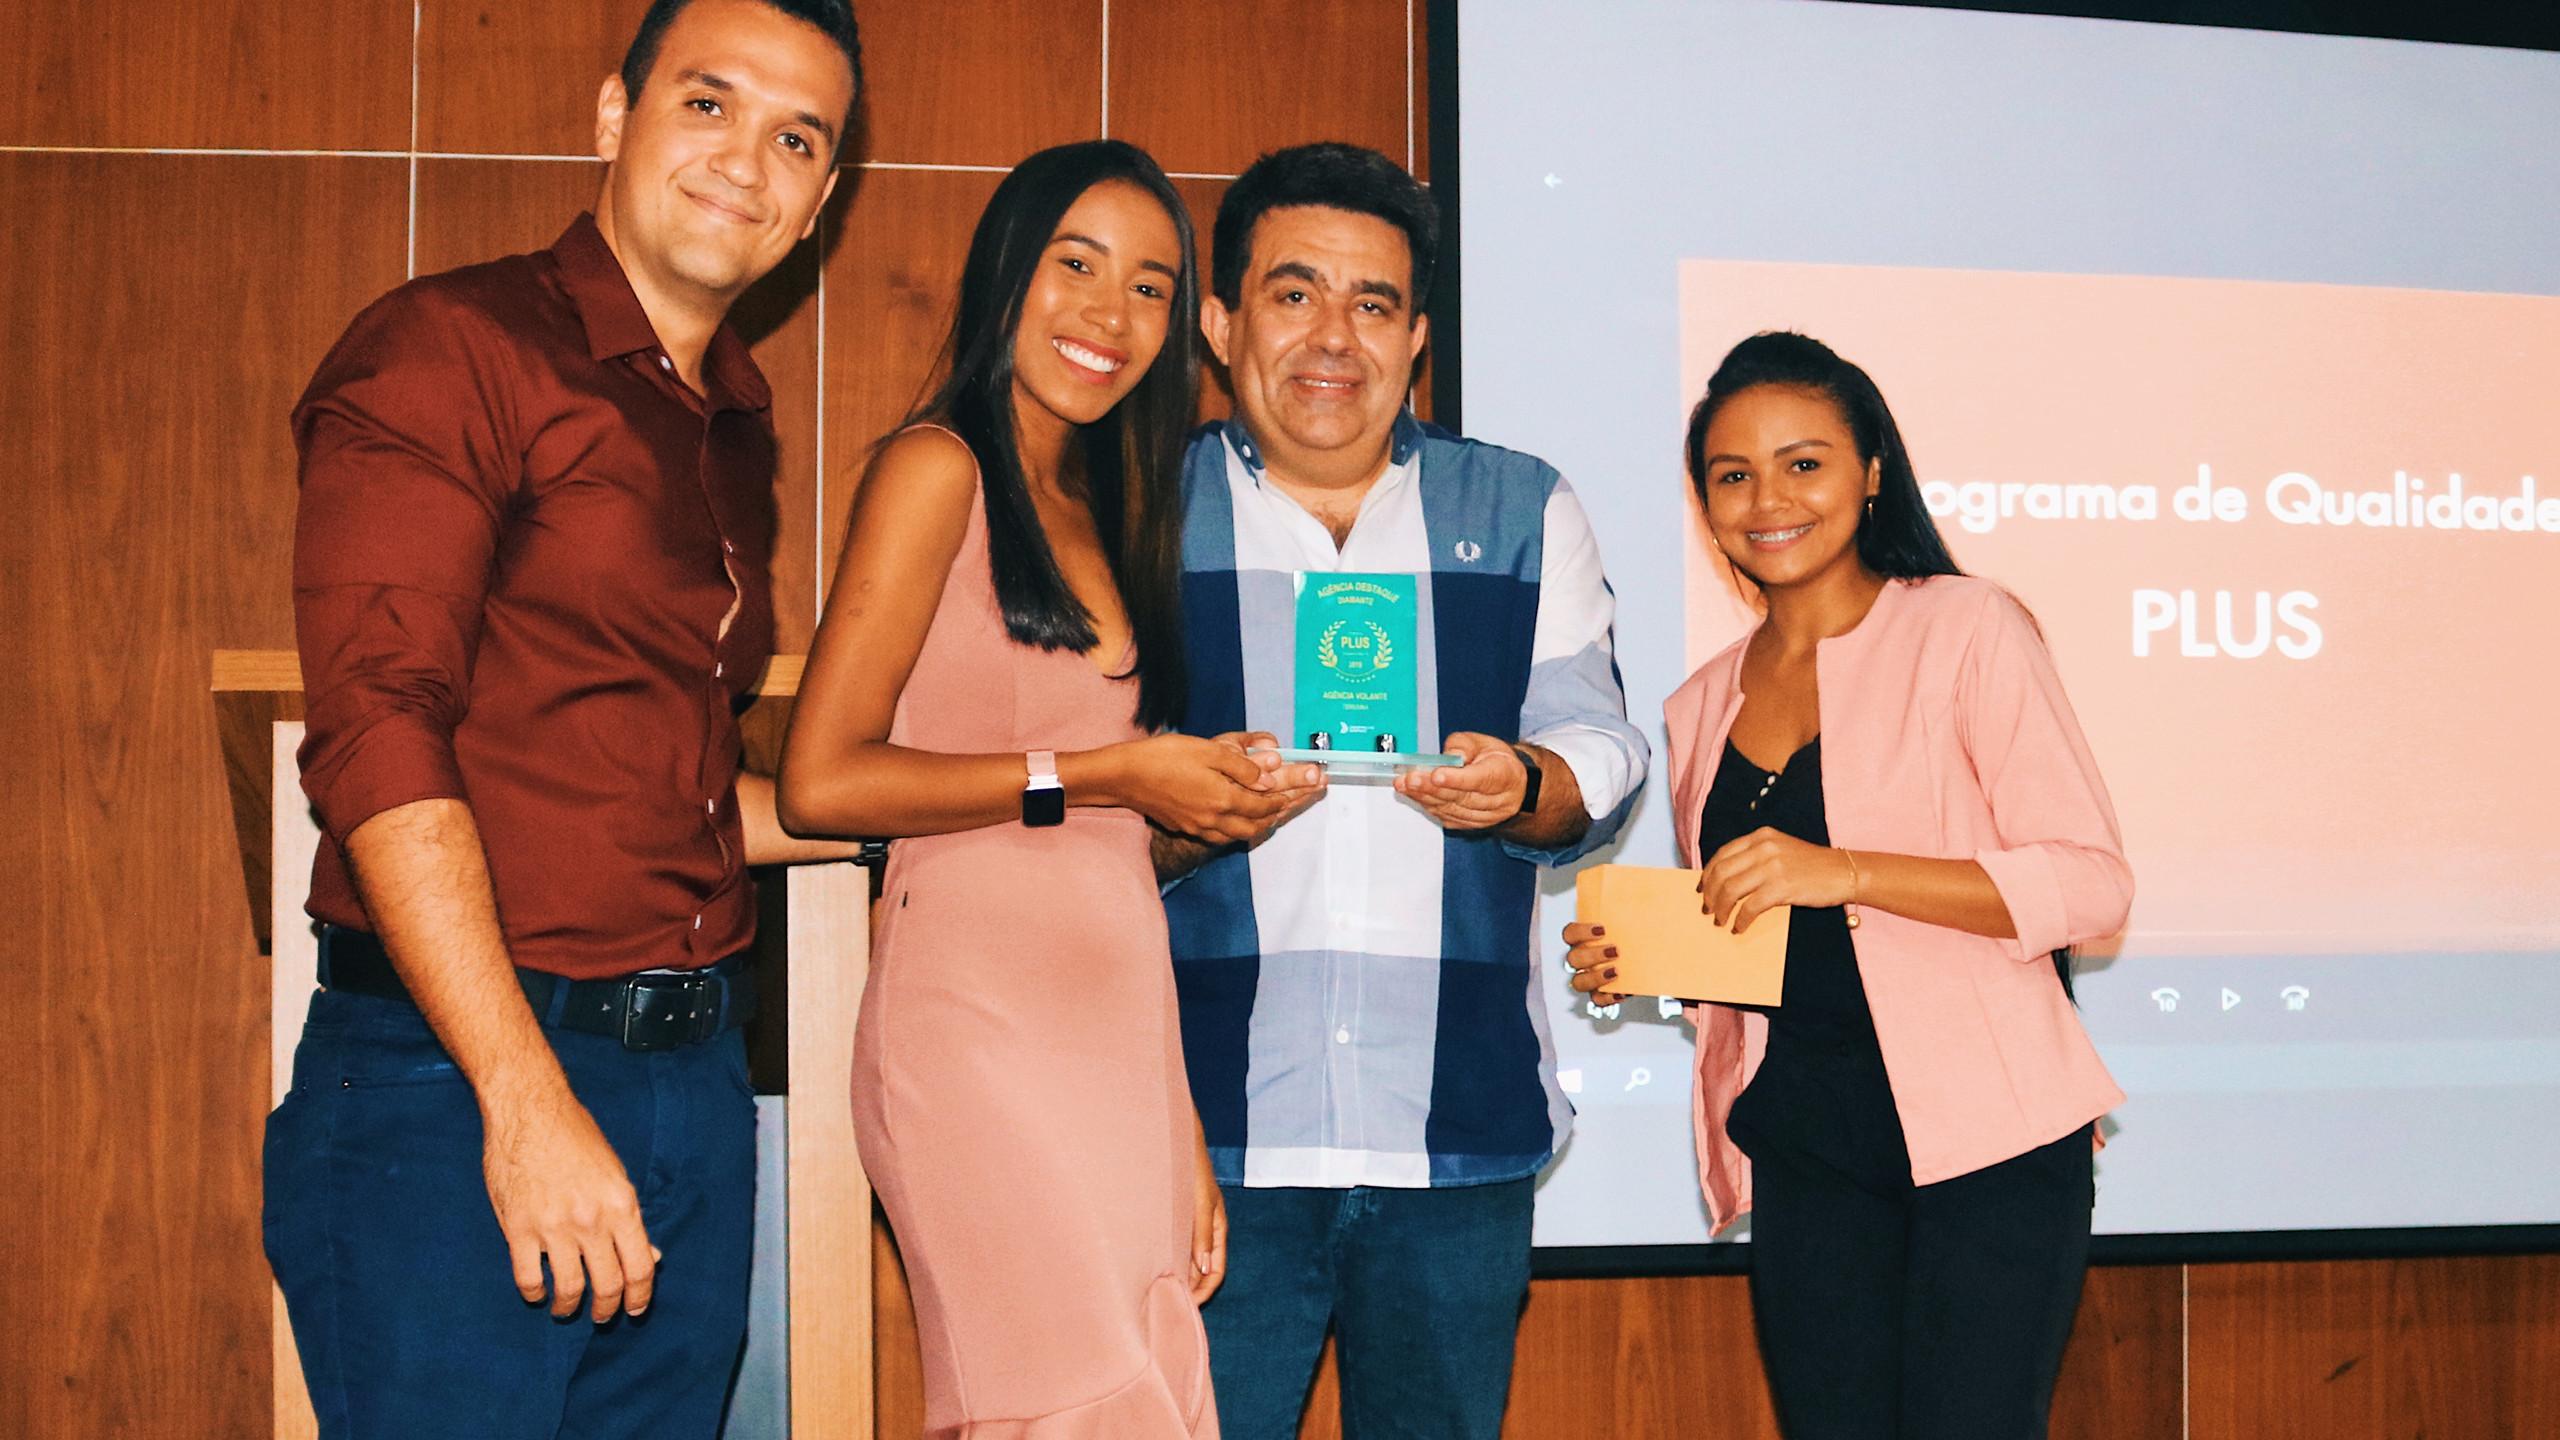 O diretor de marketing da Guanabara prestigiou a entrega do troféu de Teresina